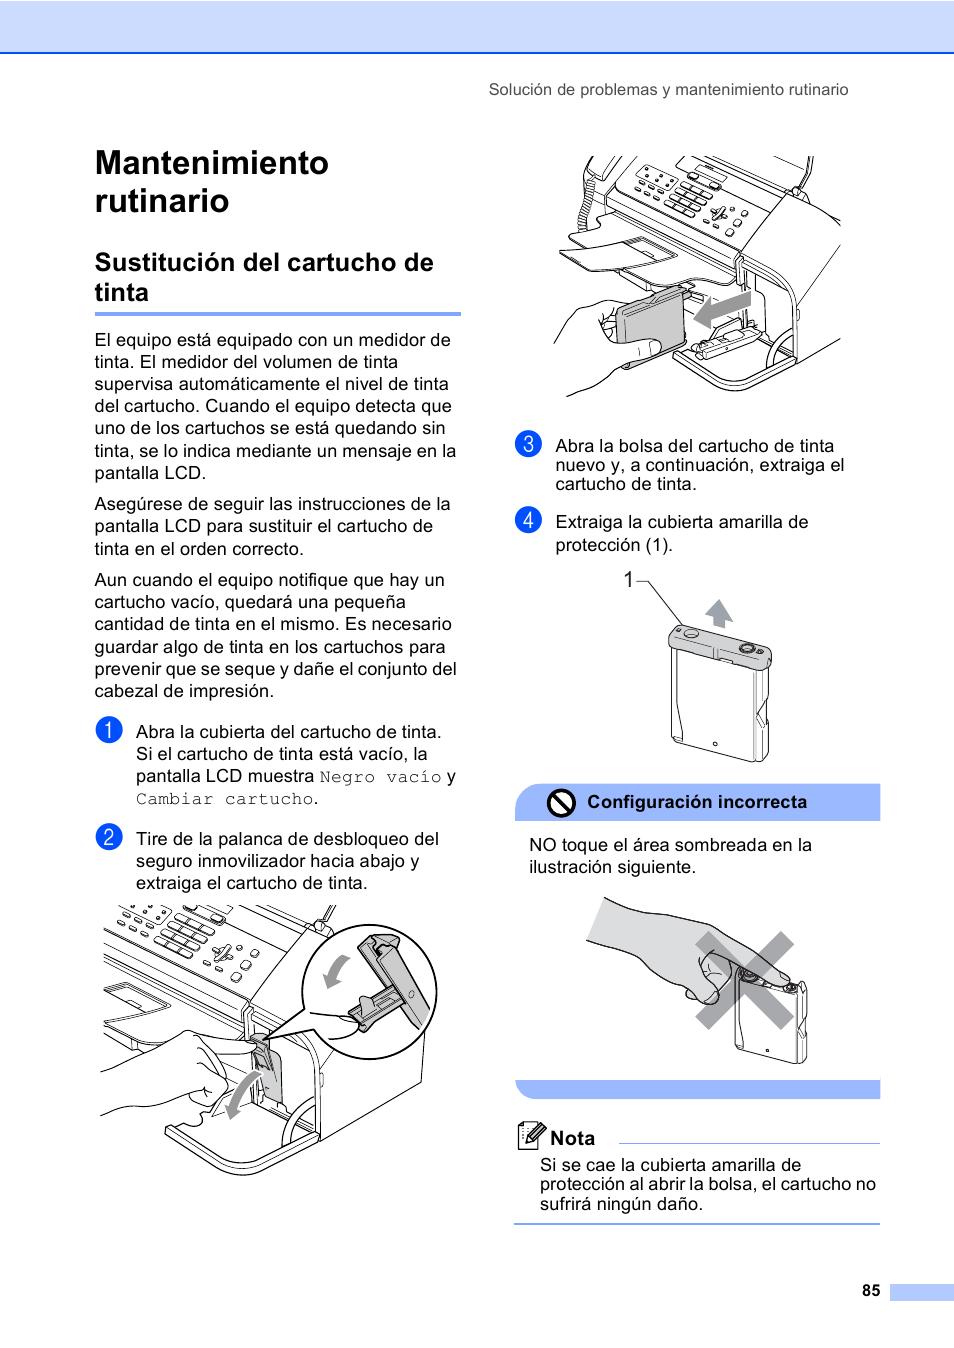 Mantenimiento rutinario, Sustitución del cartucho de tinta   Brother FAX-1560  Manual del usuario   Página 97 / 130